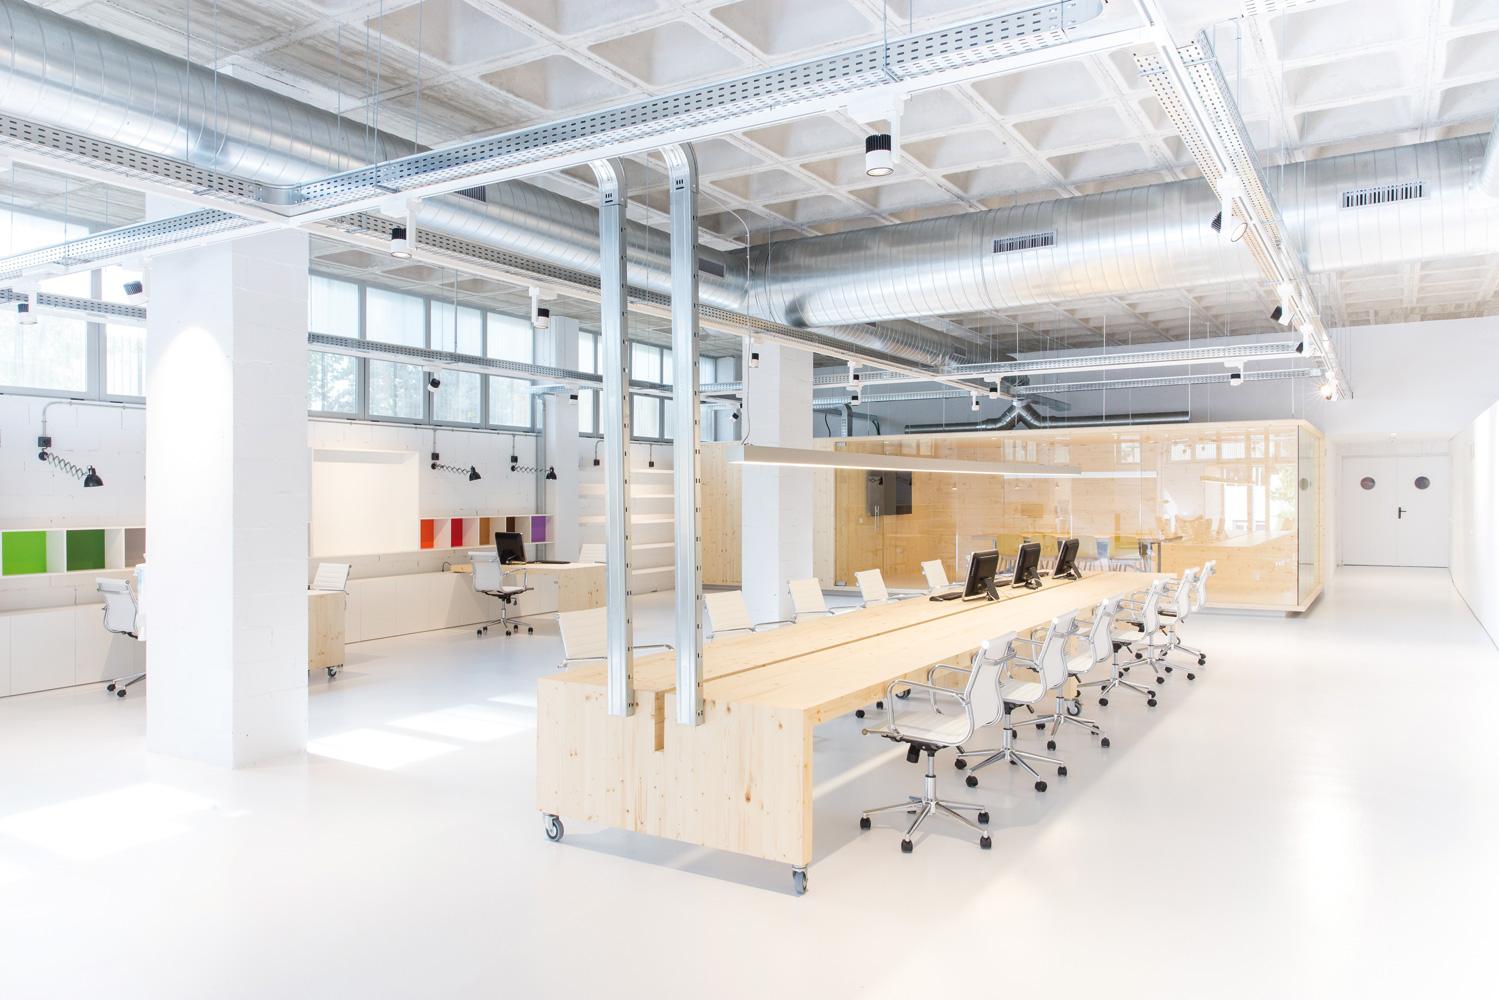 On dise o proyectos oficinas para los laboratorios for Oficinas de diseno industrial